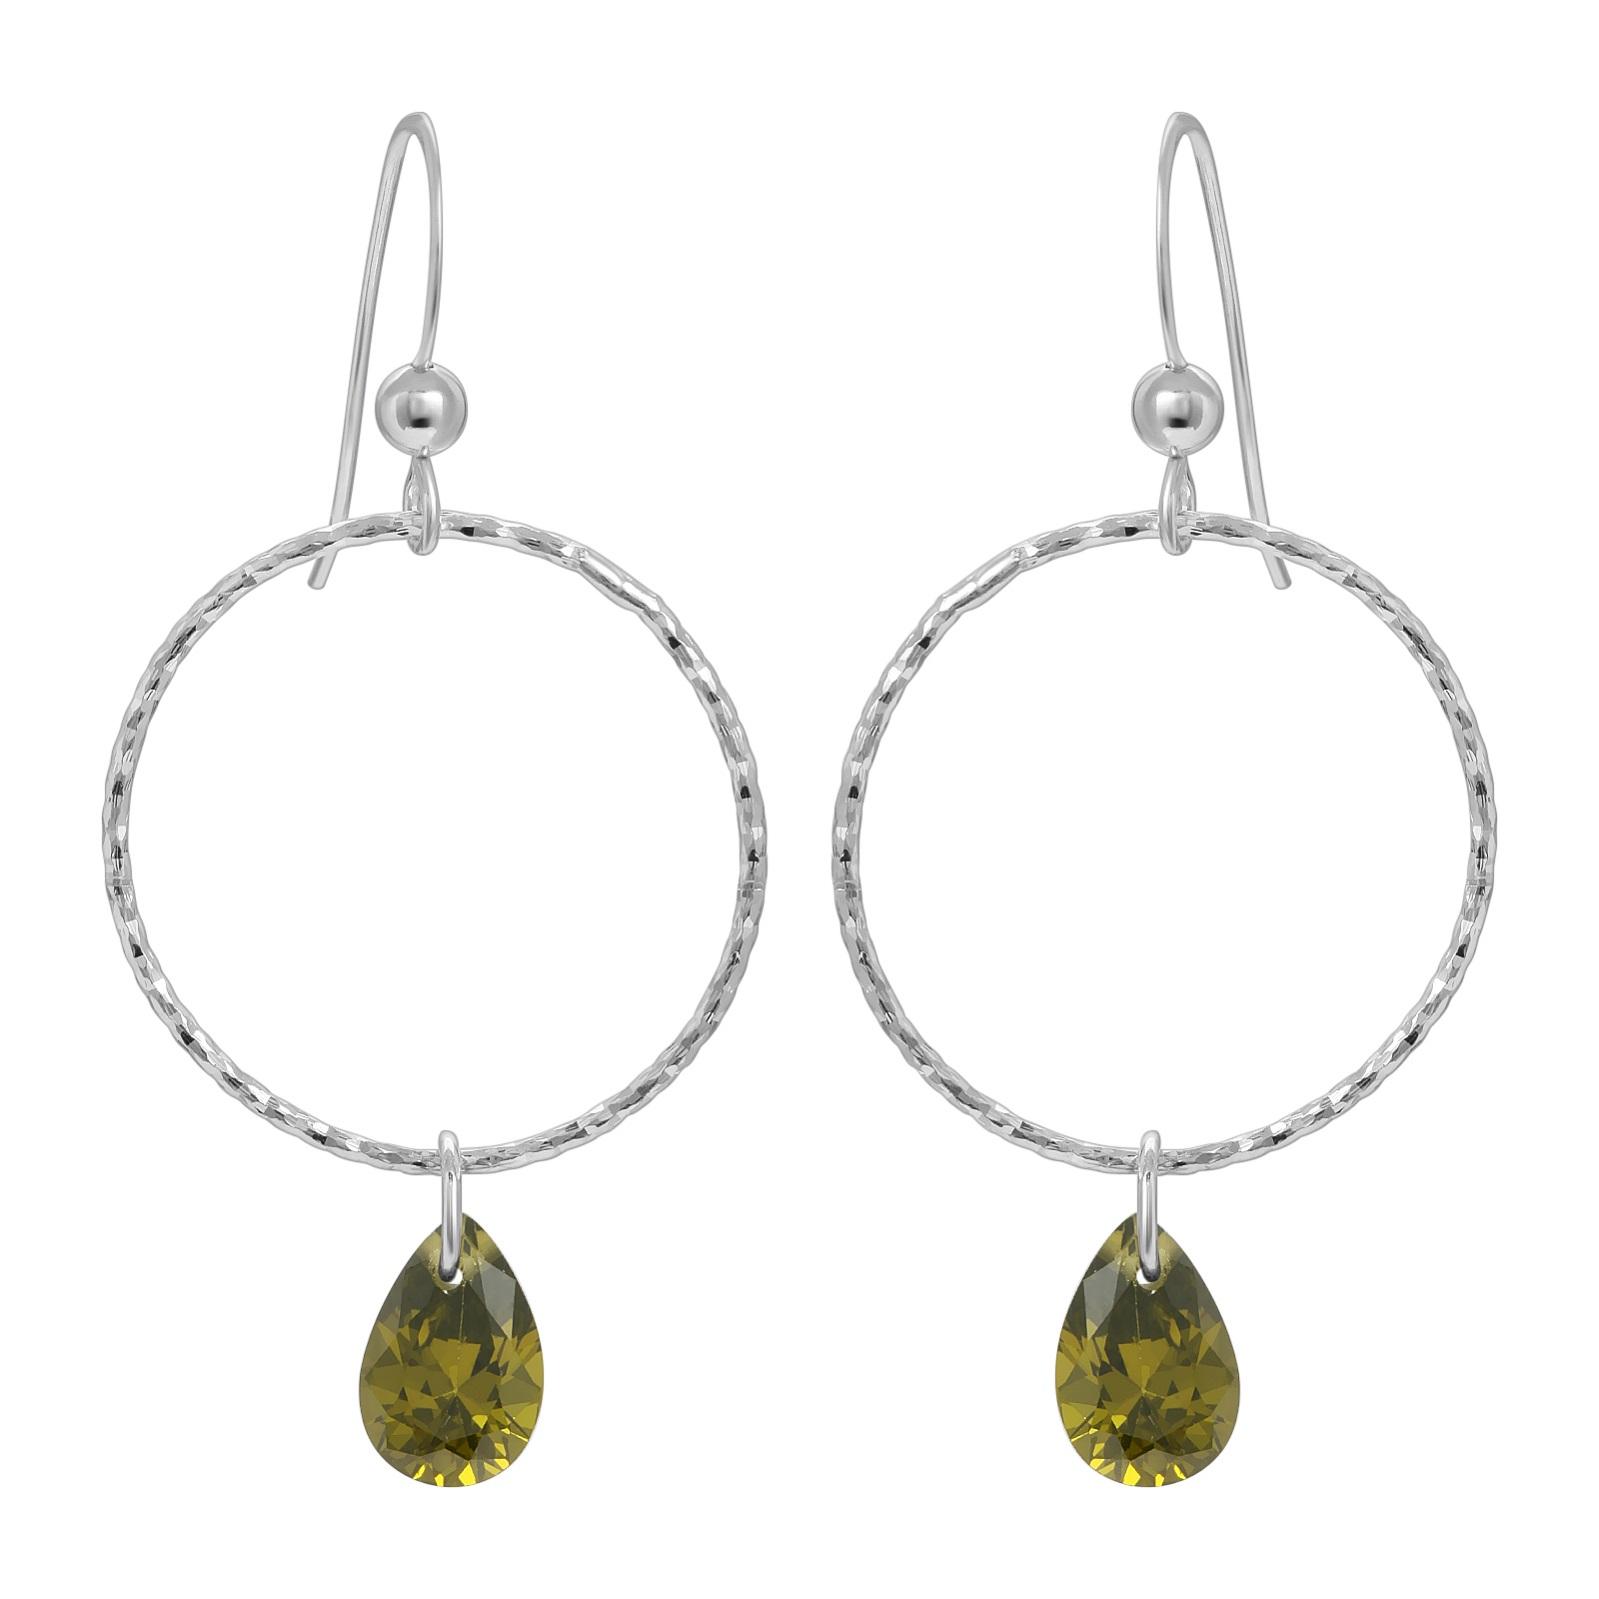 CZ Diamond Cut Hoops Earrings - Olivine